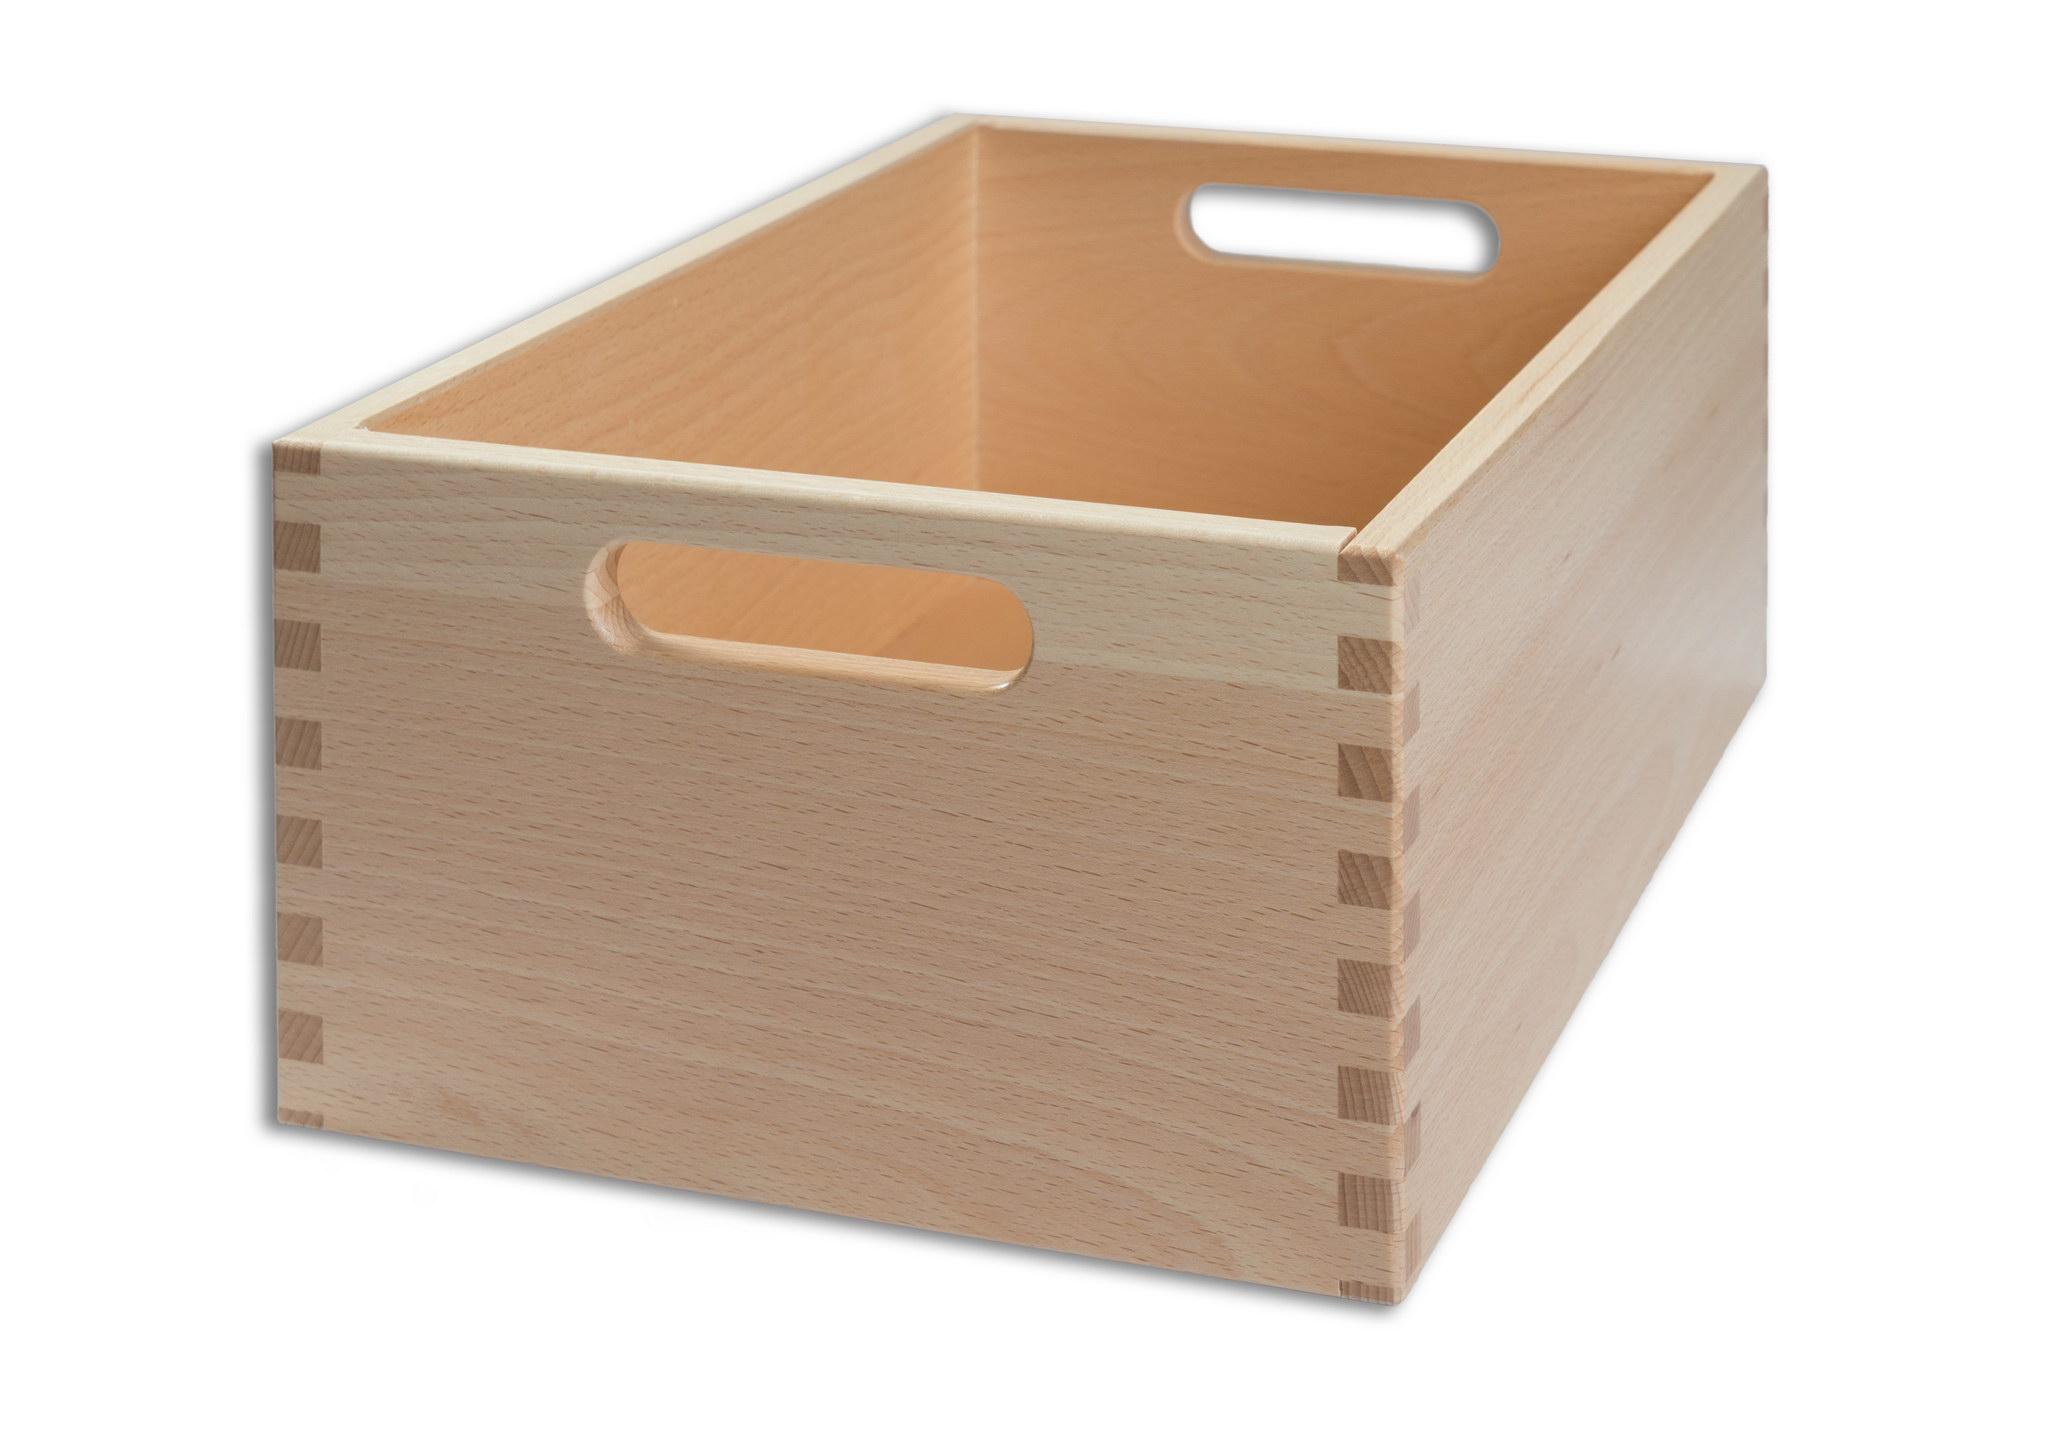 inspirierend spielzeugkiste aus holz selber bauen tierspielzeug. Black Bedroom Furniture Sets. Home Design Ideas